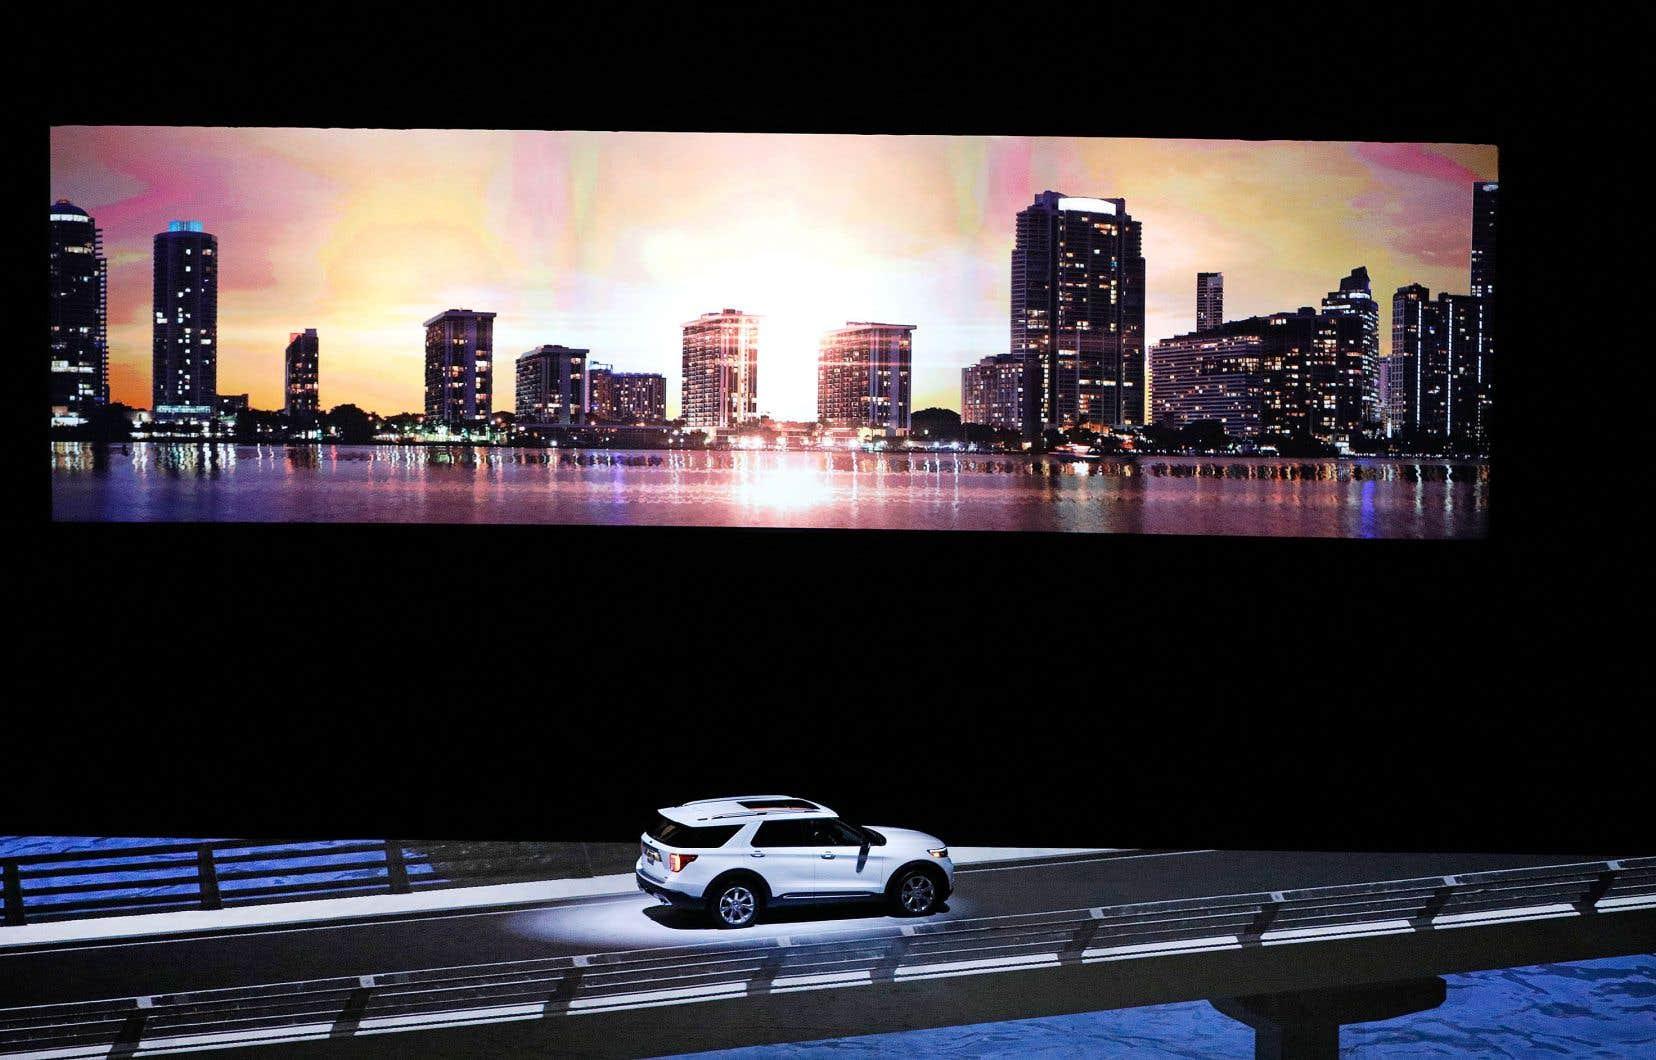 Le salon de Detroit ouvrira ses portes alors que les subventions fédérales accordées aux voitures électriques ont fortement diminué, que GM et Ford sont en pleine restructuration et que le niveau très élevé des stocks de Fiat Chrysler inquiète les marchés financiers.